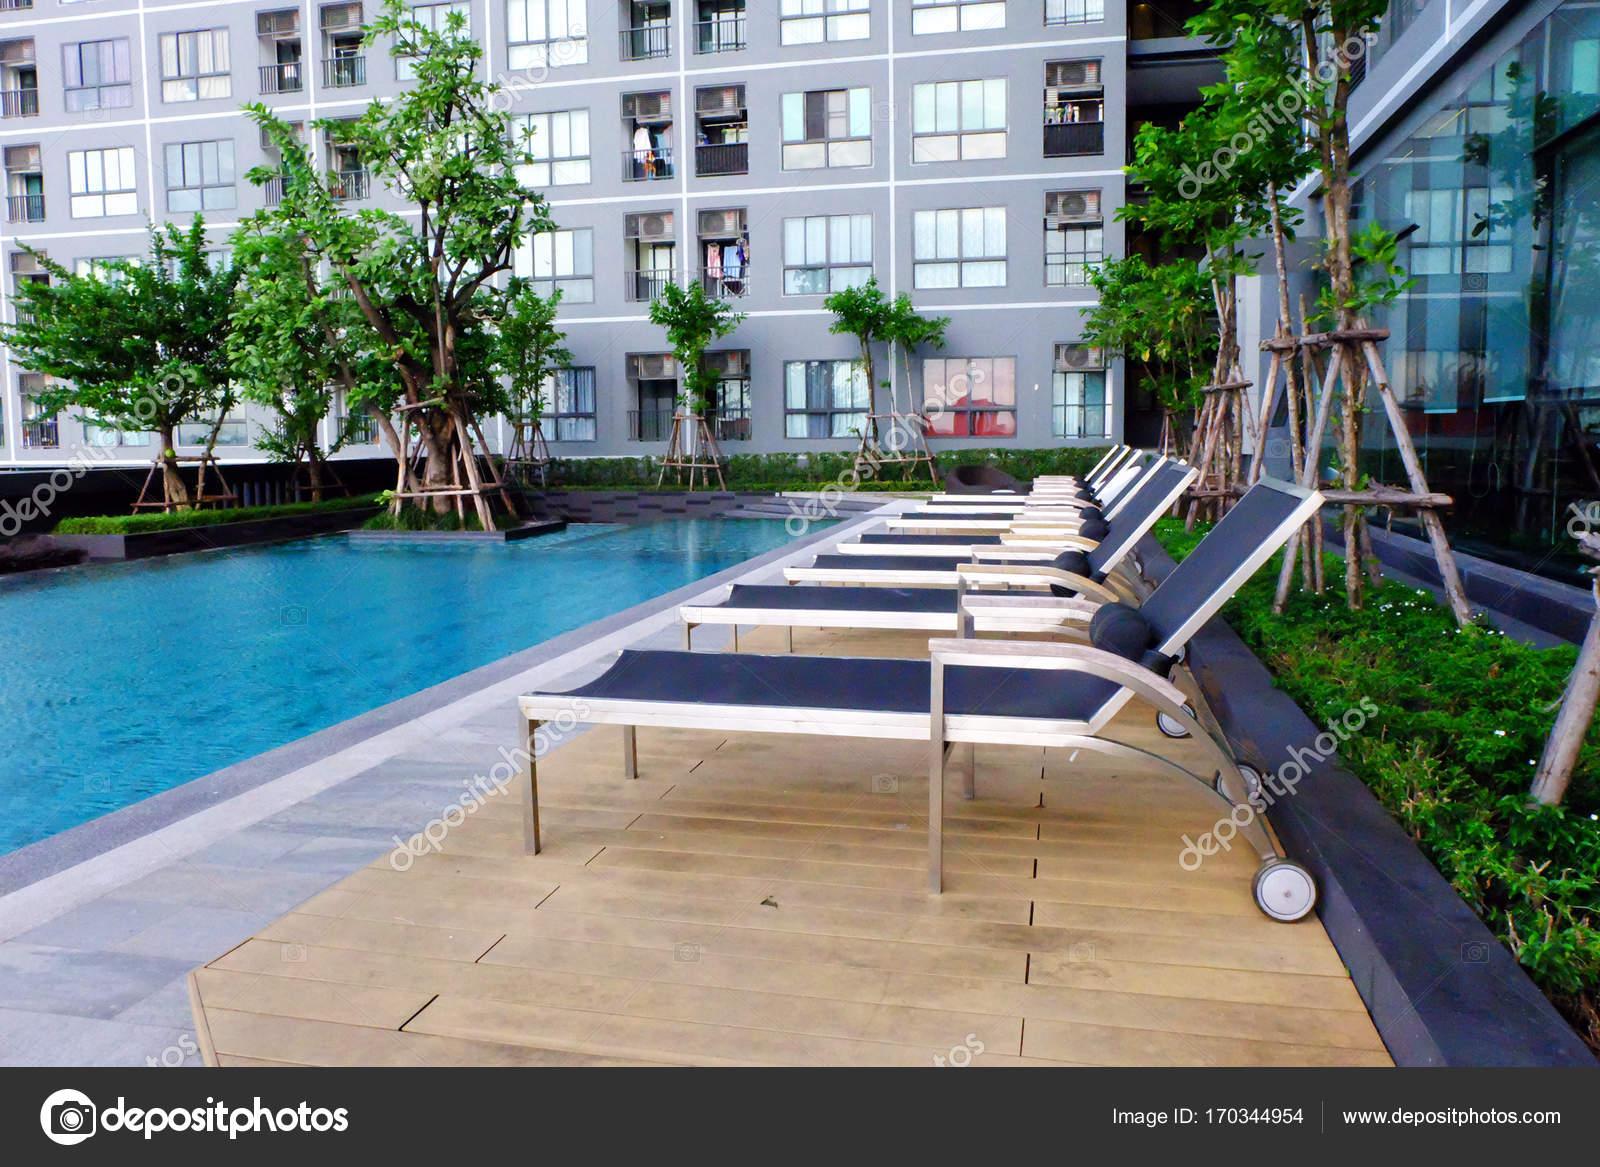 Bleu piscine avec des chaises vides chaise de piscine for Chaise pour piscine